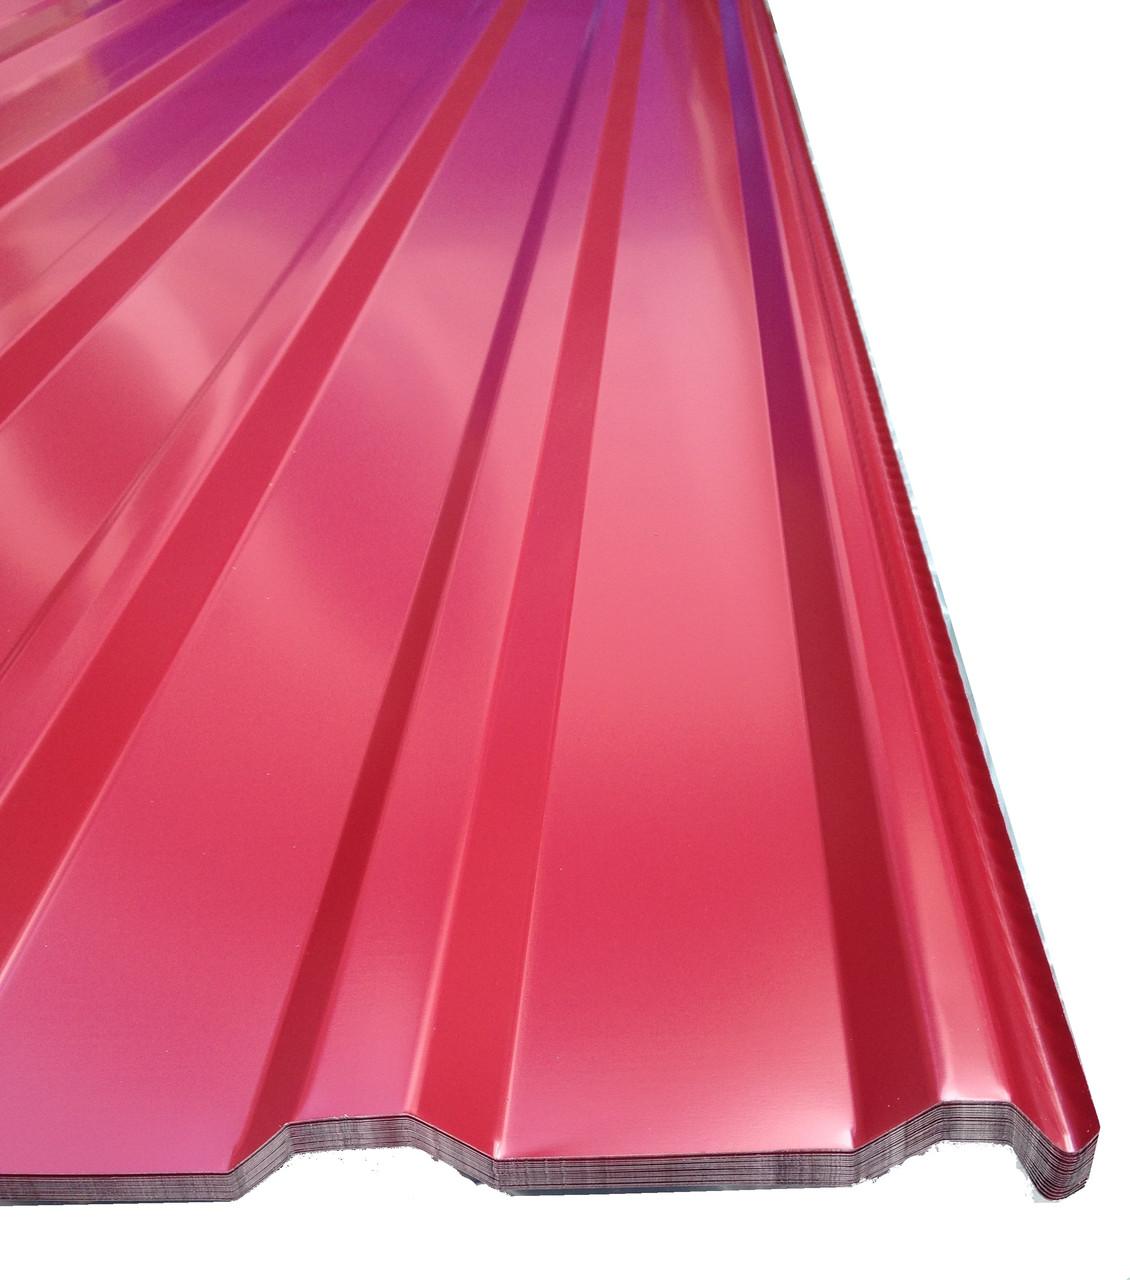 Профнастил кровельный  ПК-20 красный толщина 0,4 размер 1,5Х1,15м